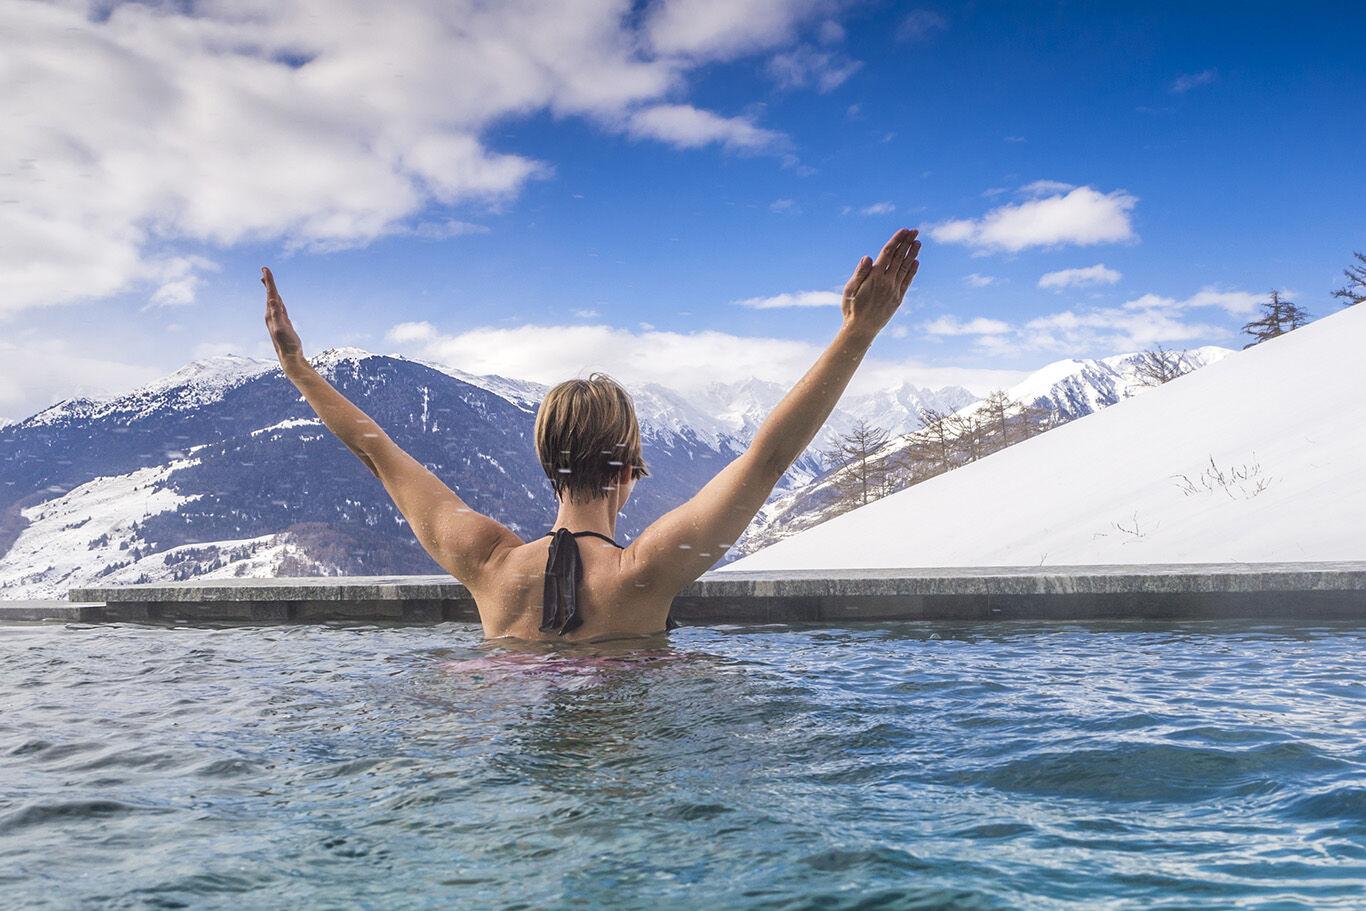 Die positiven Wirkungen von Eisbaden auf das Immunsystem